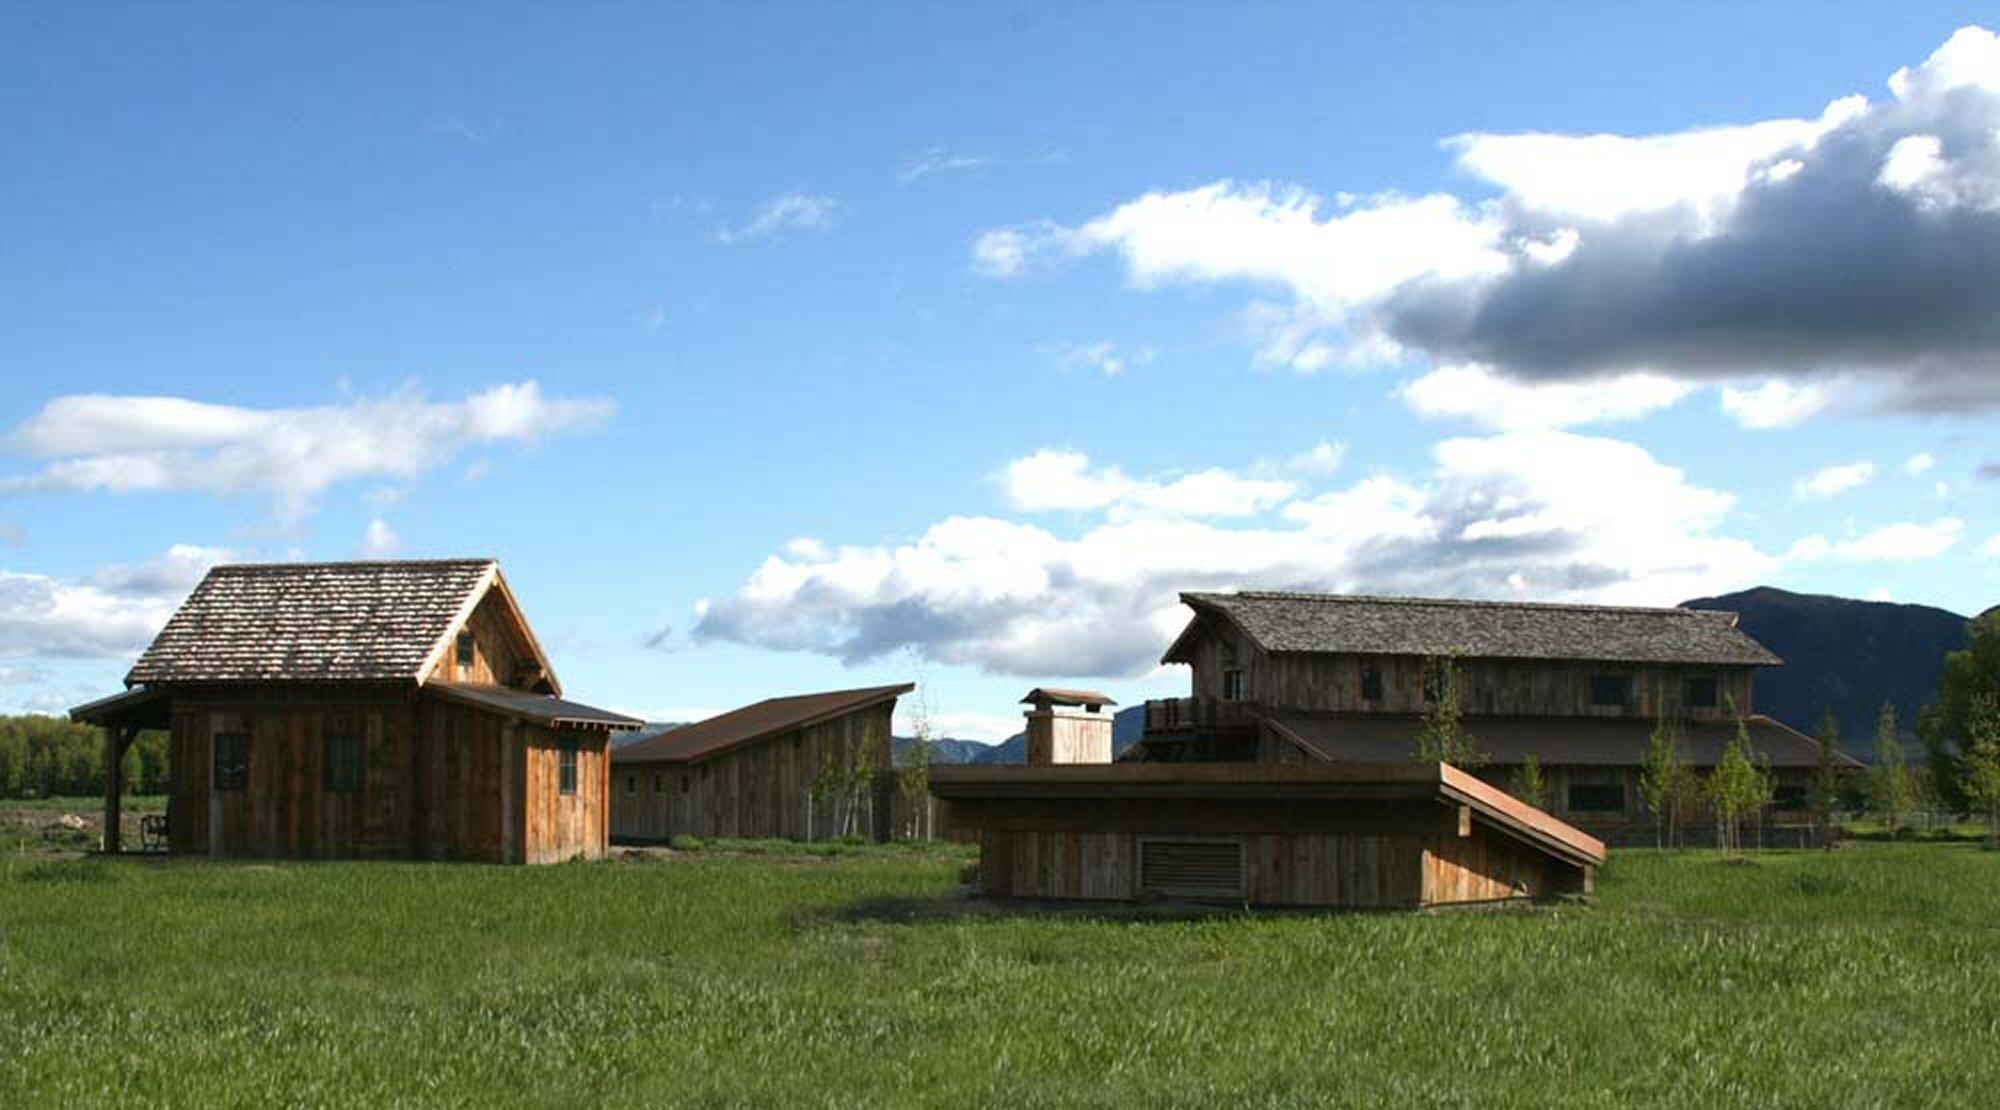 plan-west-design-firm-_-exteriors-186